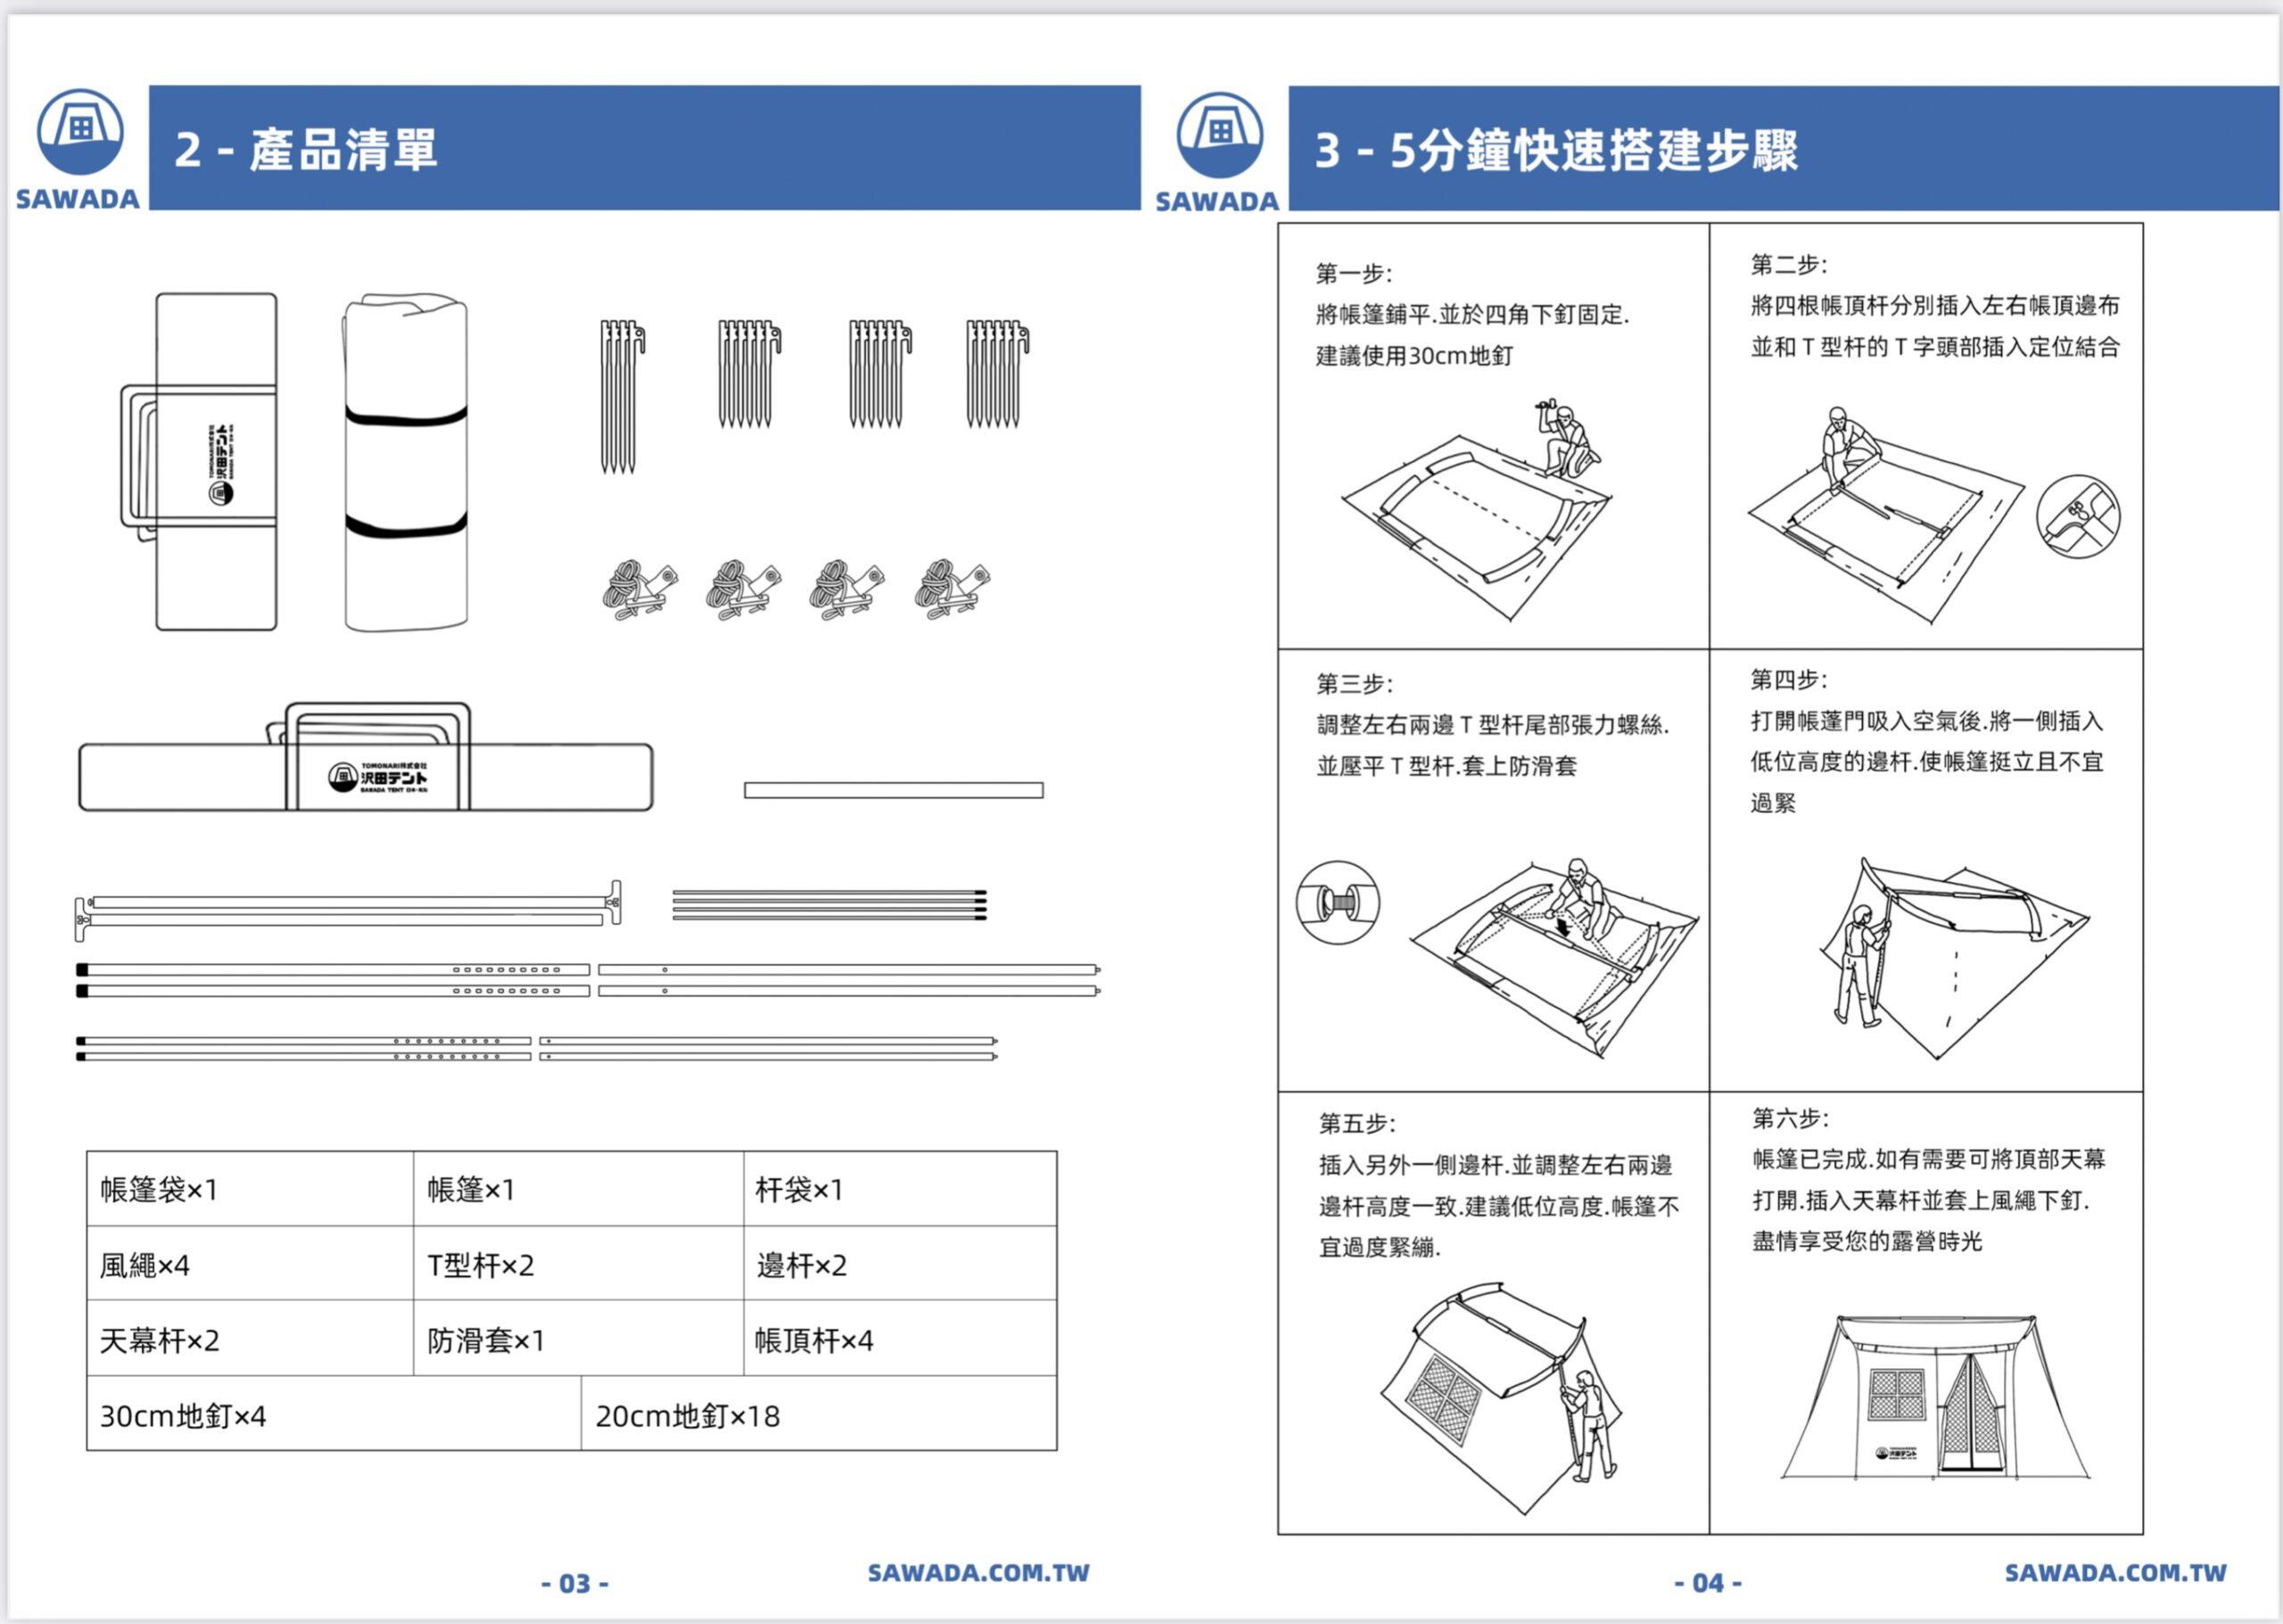 FD52F583-8F40-407A-857E-F0B3C22F53CF